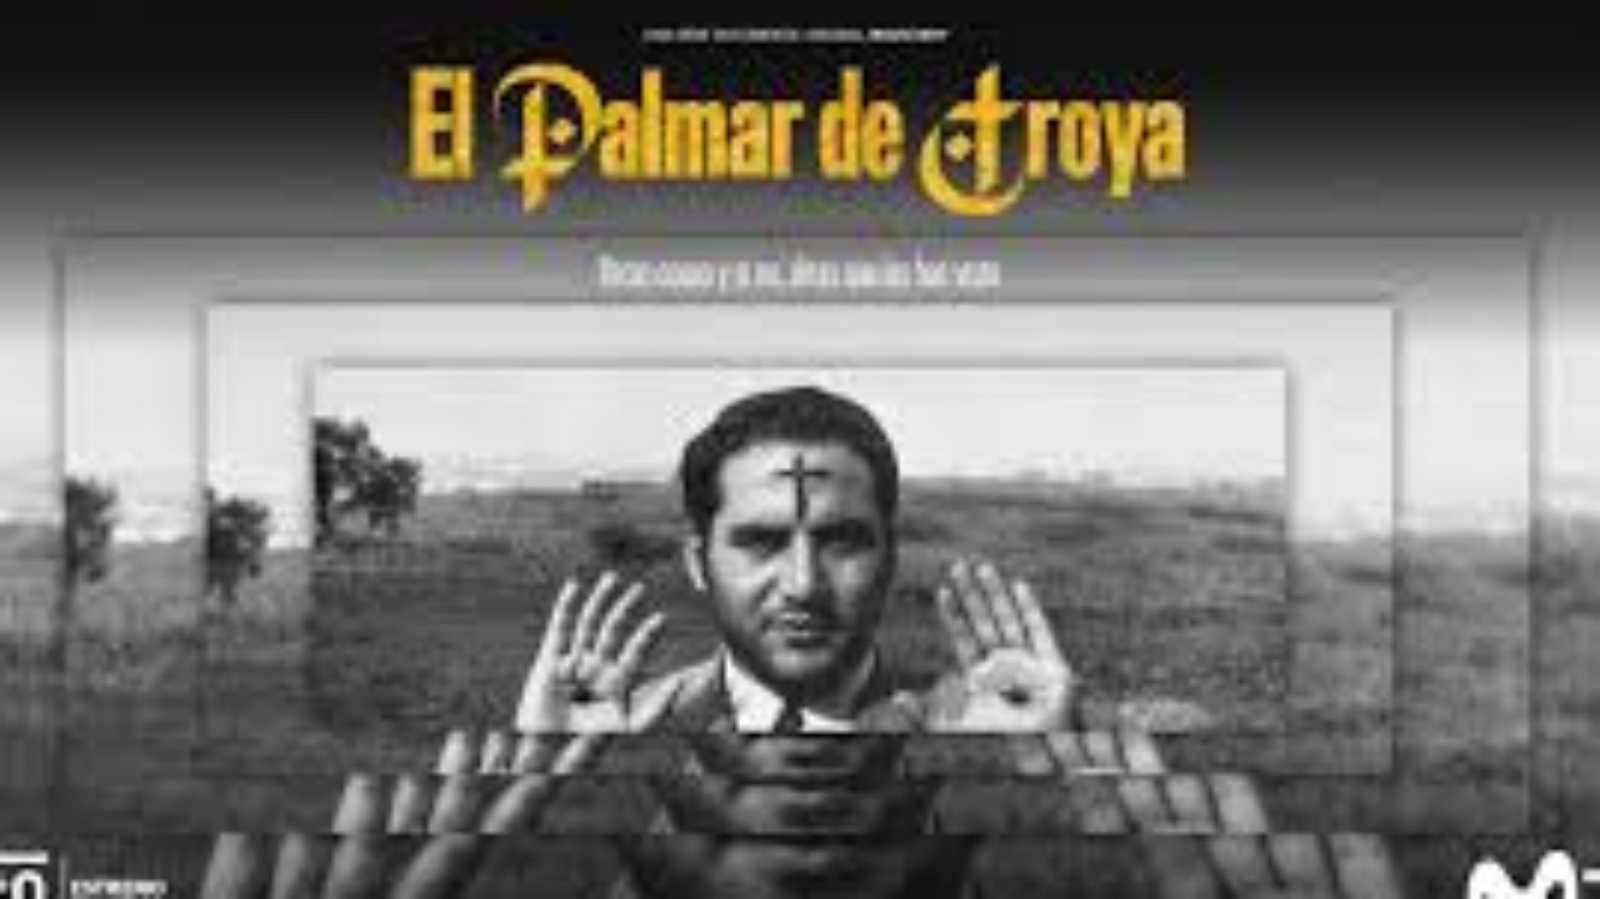 Hoy Empieza Todo con Ángel Carmona - El Palmar de Troya - 12/03/20